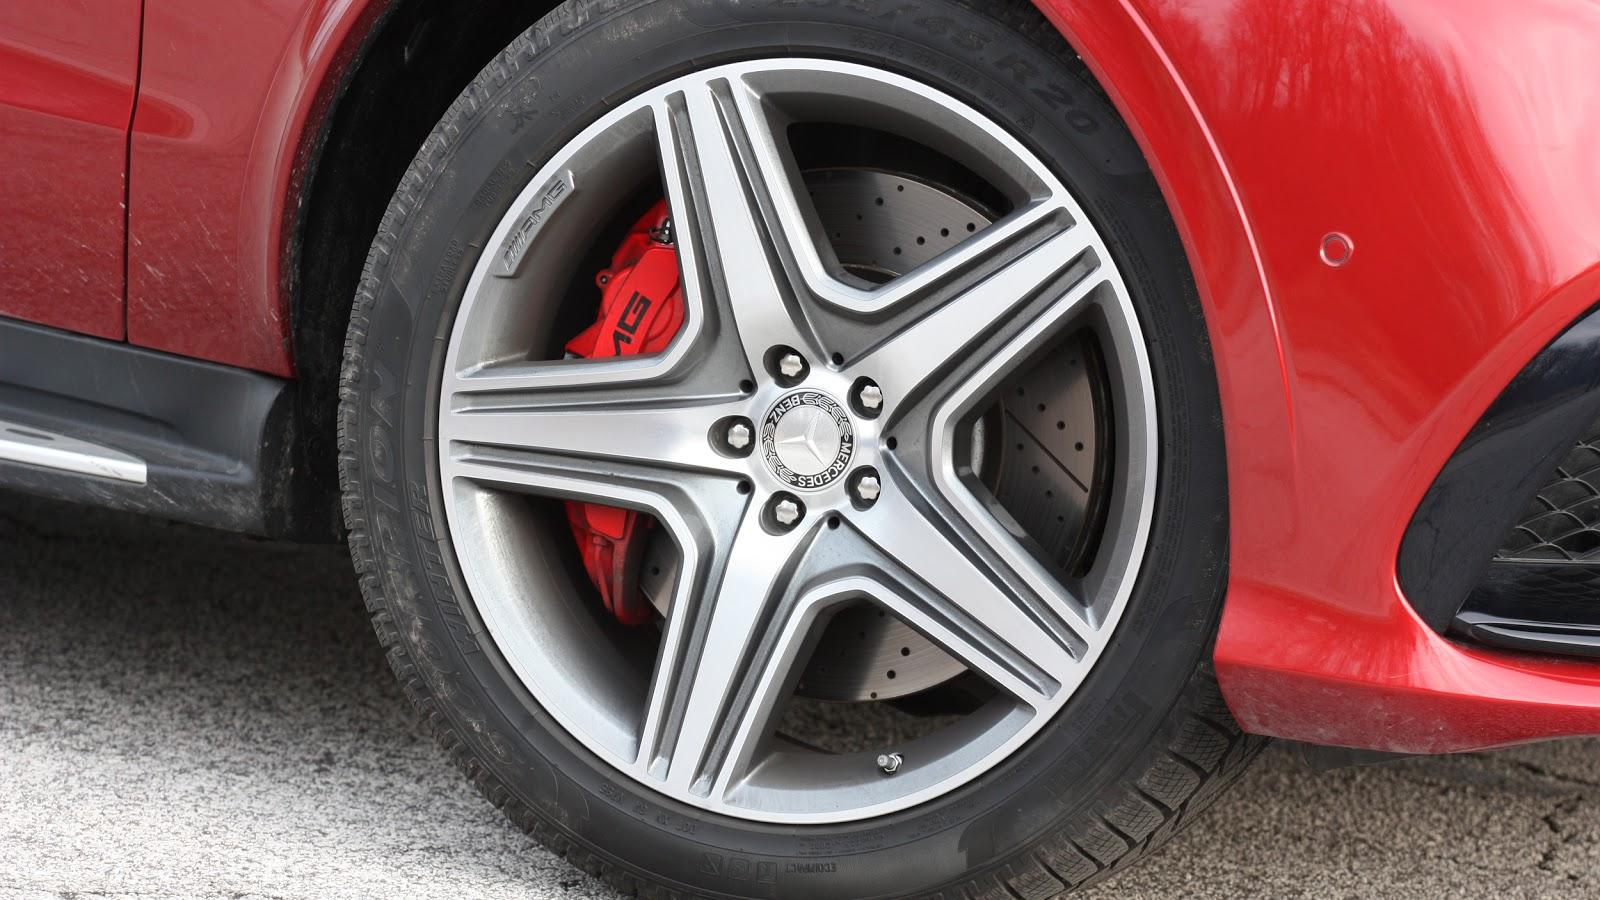 Đánh giá xe Mercedes AMG GLE63 S 2016